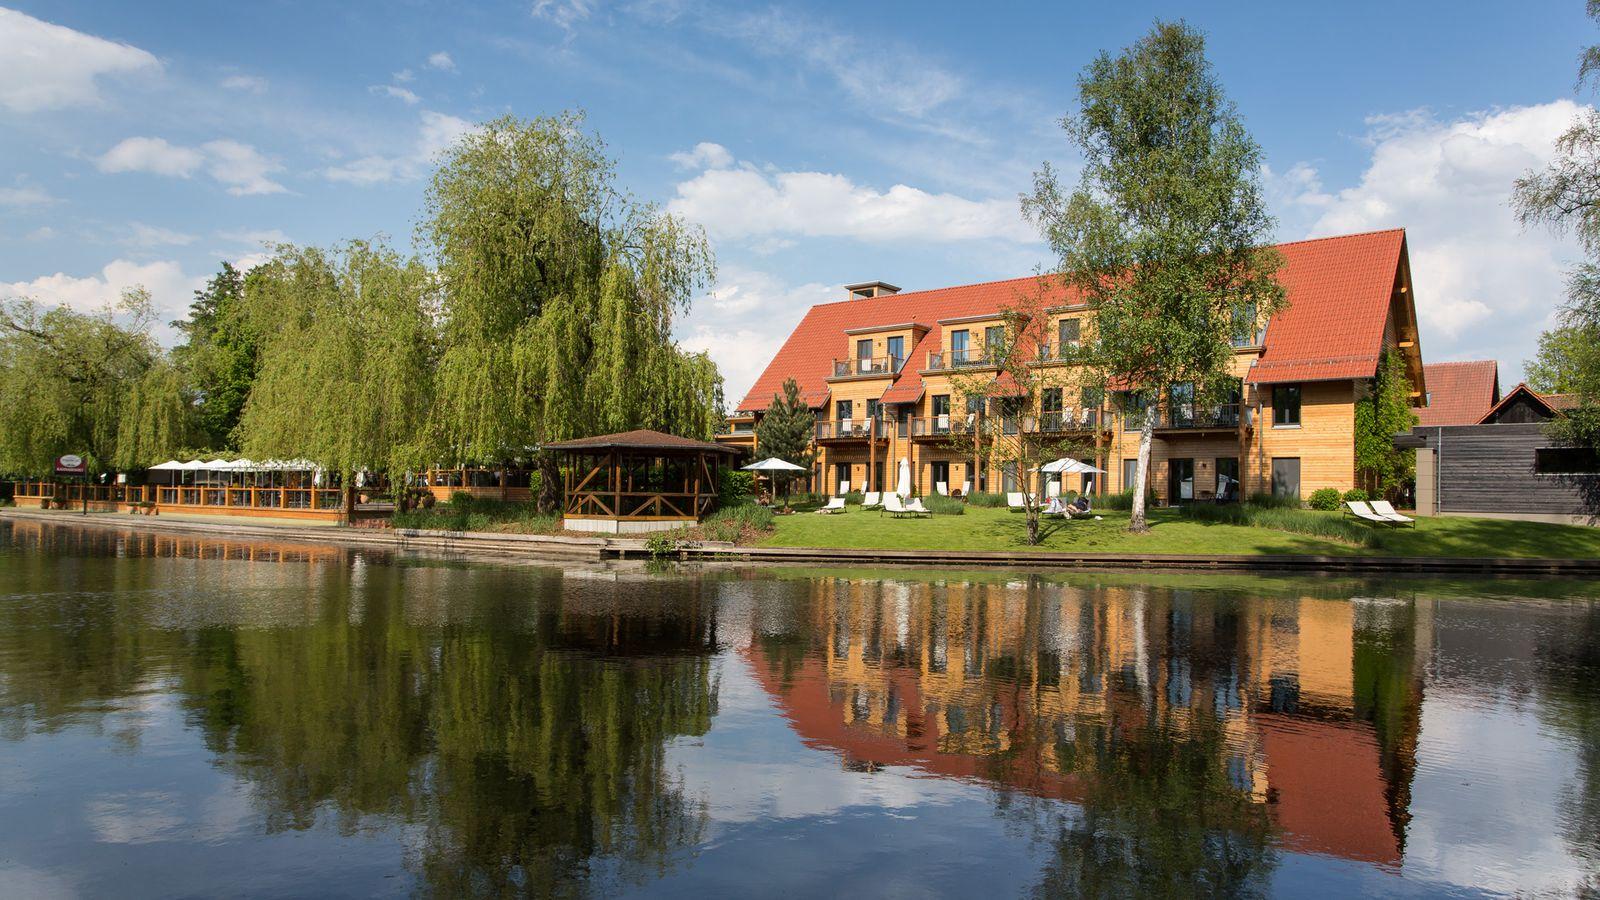 Strandhaus Spreewald